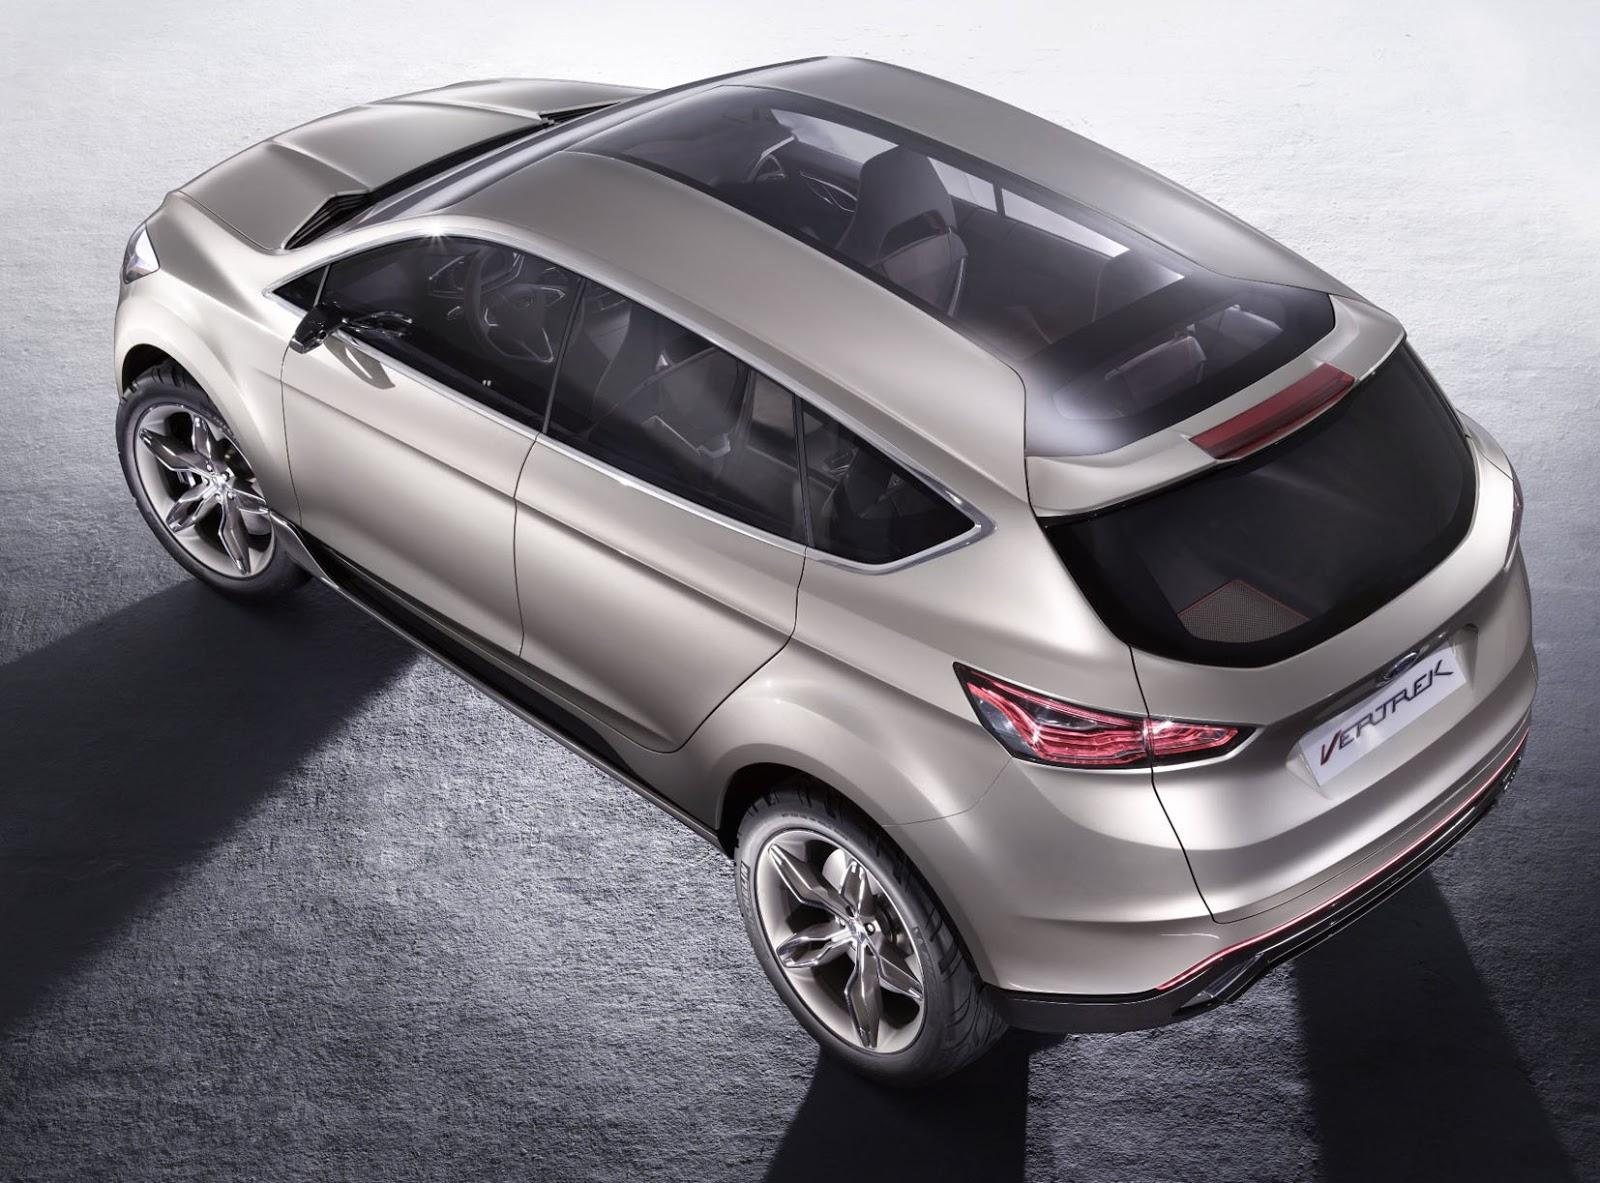 Ford apresenta o conceito vertrek utilitrio esportivo compacto soluo global para as necessidades globais fandeluxe Image collections